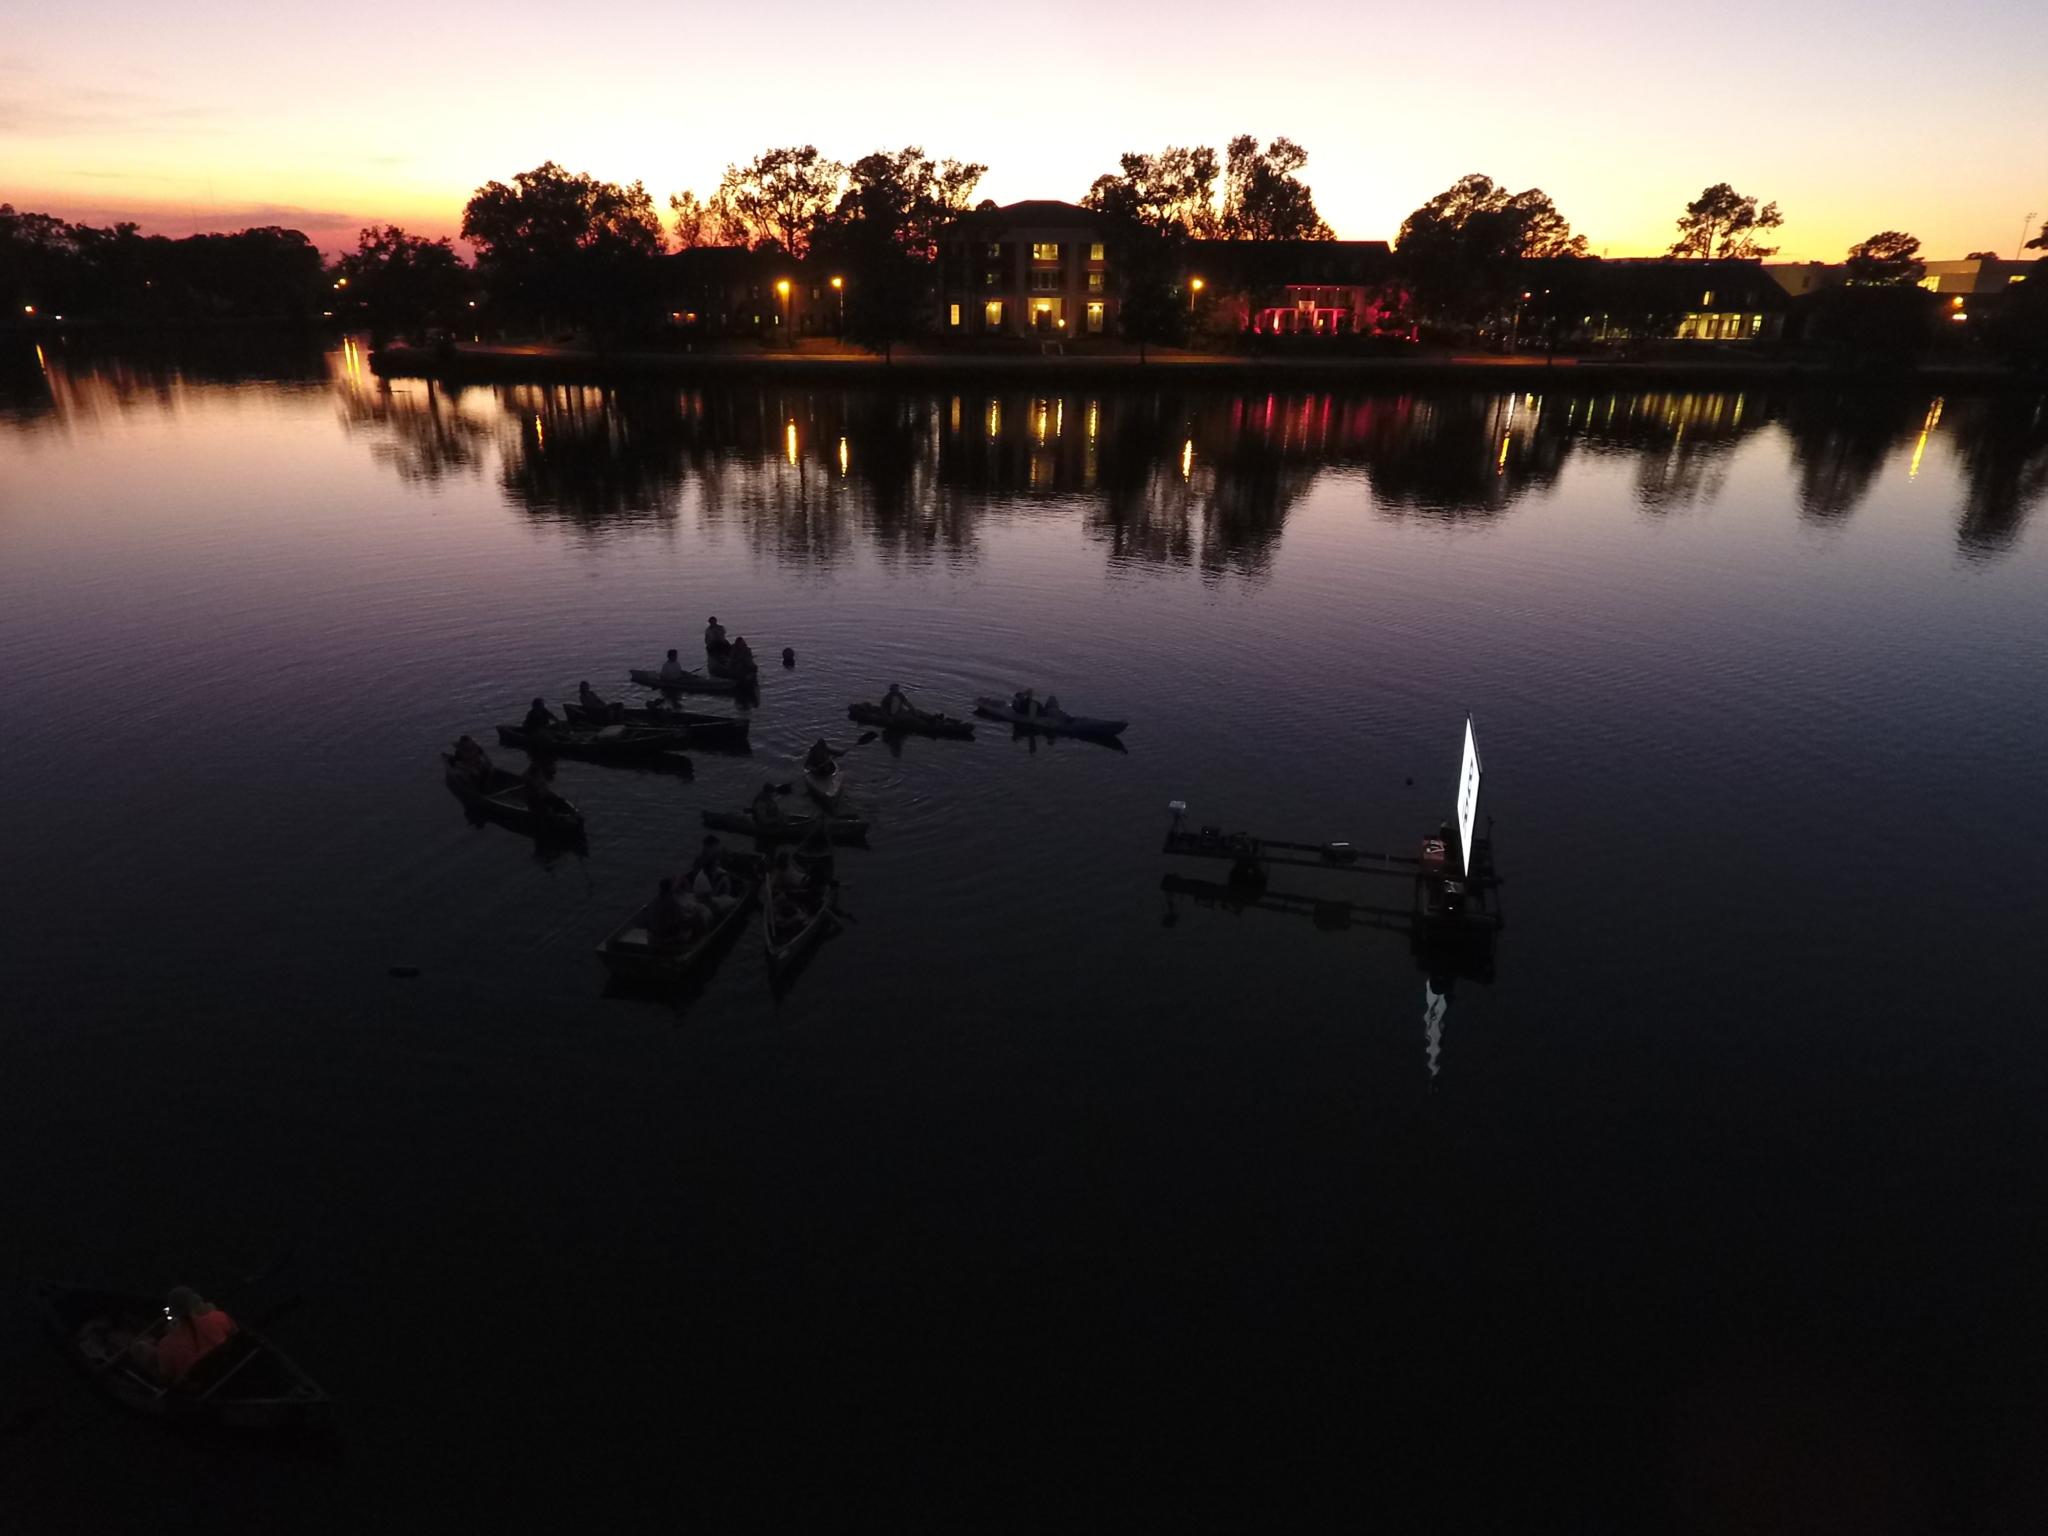 University Lake Baton Rouge